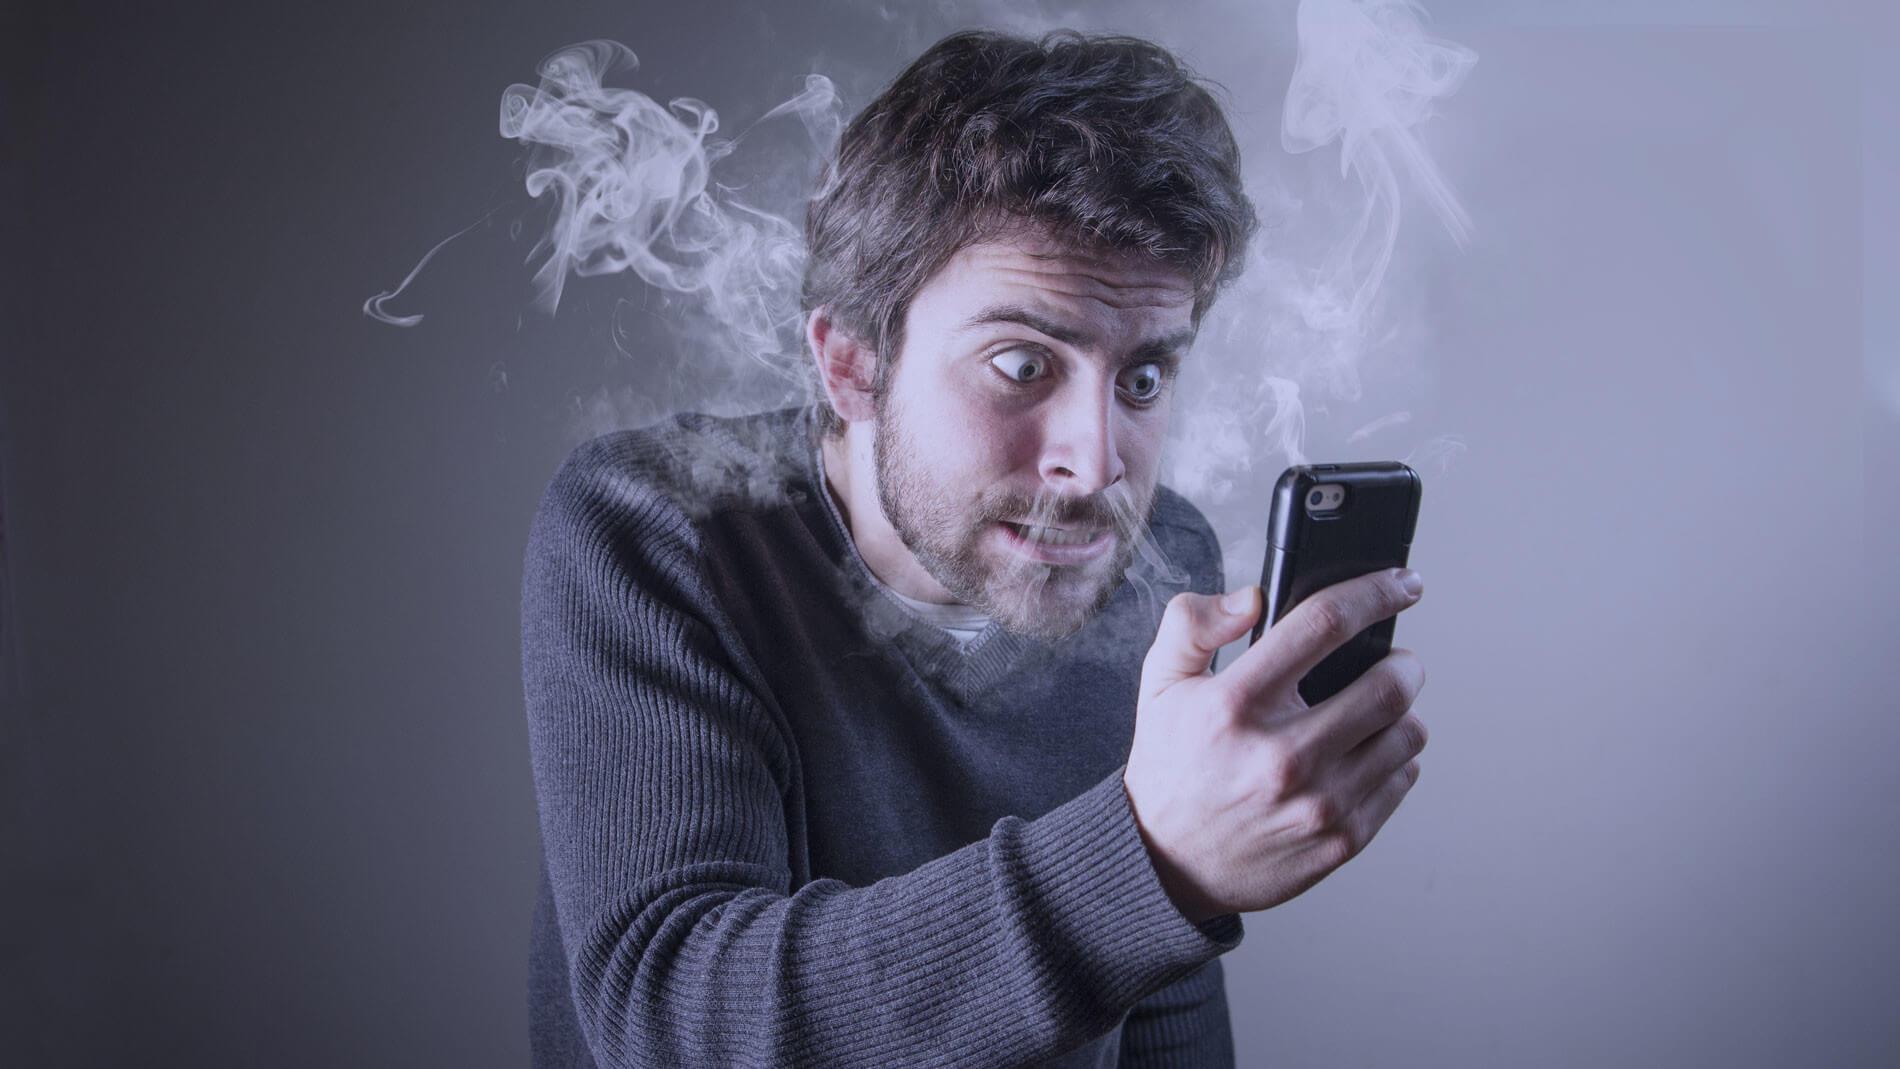 Останавливаем спам-звонки и смс-спам на андроиде